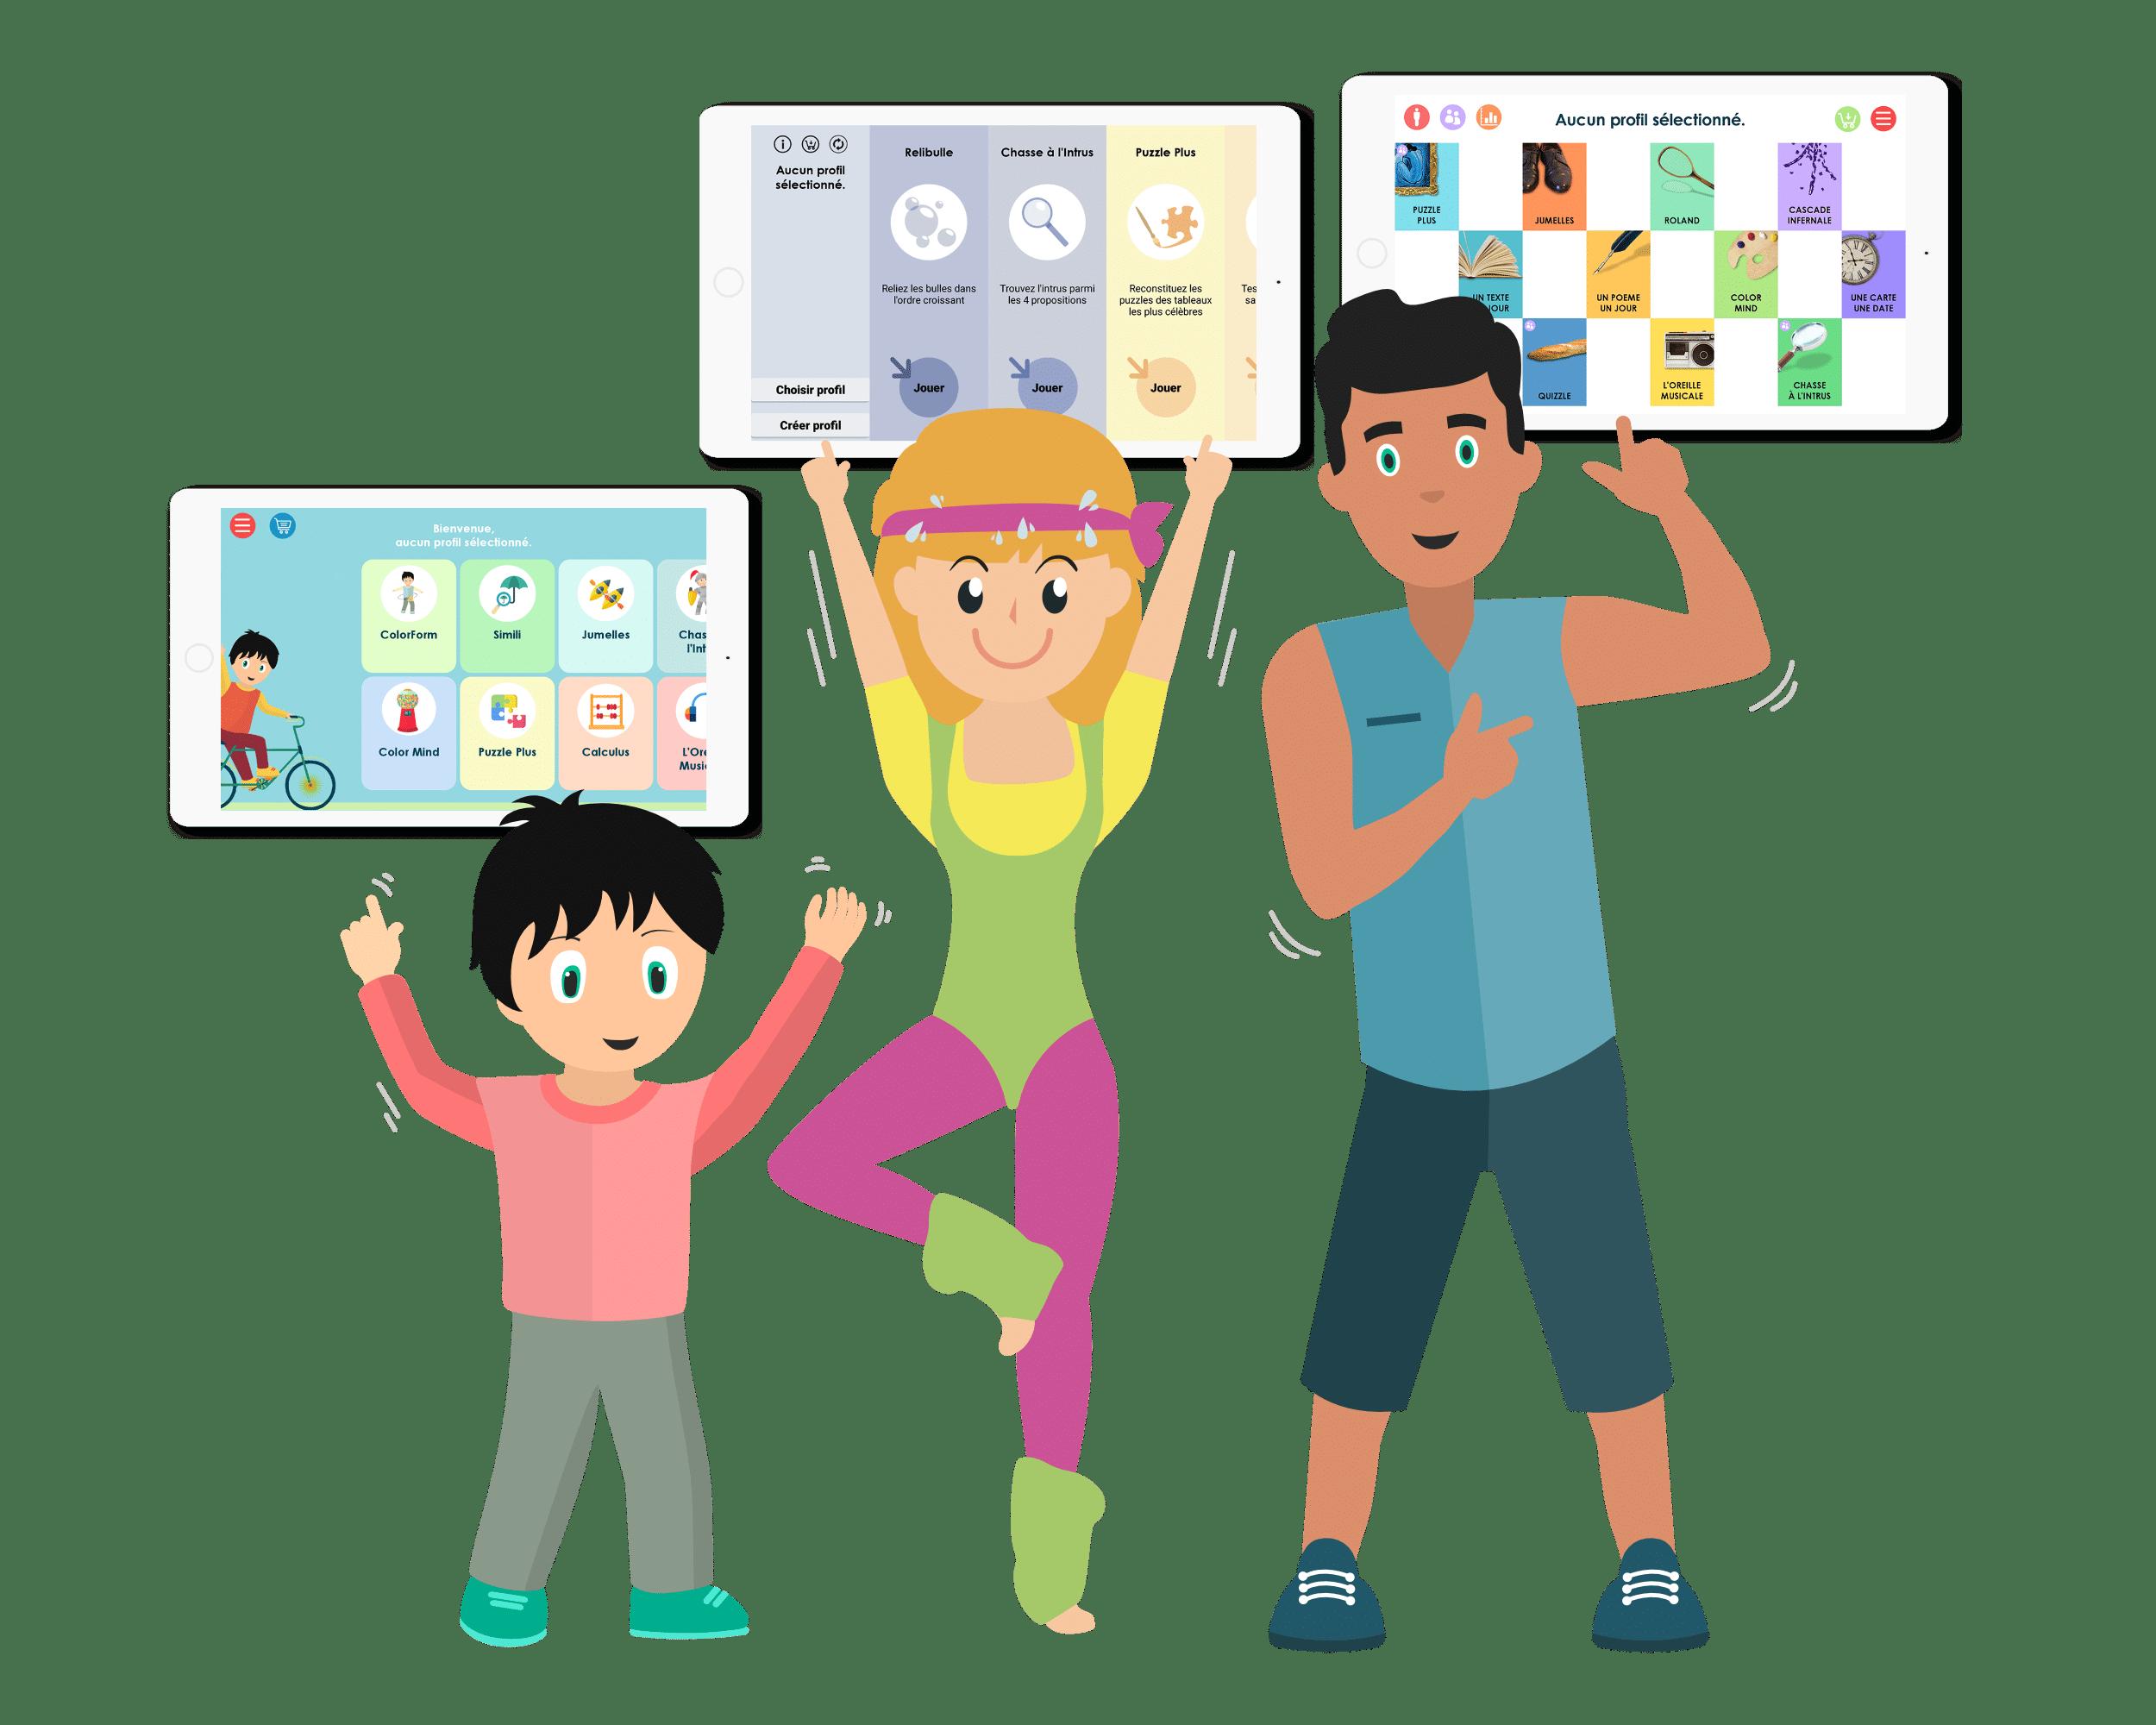 joe-edith-app-adulte-application-entrainement-cerebral-coach-jeux-cerebraux-jeu-cognitif-logique-culture-memoire-fun-dynseo-ludique-animation-personnes-agees-alz-alzheimer-activites-senior-activite-seniors-stimulation-tablette-smartphone-parkinson-troubles-troubles-coco-app-enfant-educative-educatif-enfants-ludique-culturel-jeux-jeu-application-entrainement-cerebral-ans-tablette-smartphone-autisme-autiste-stimulation